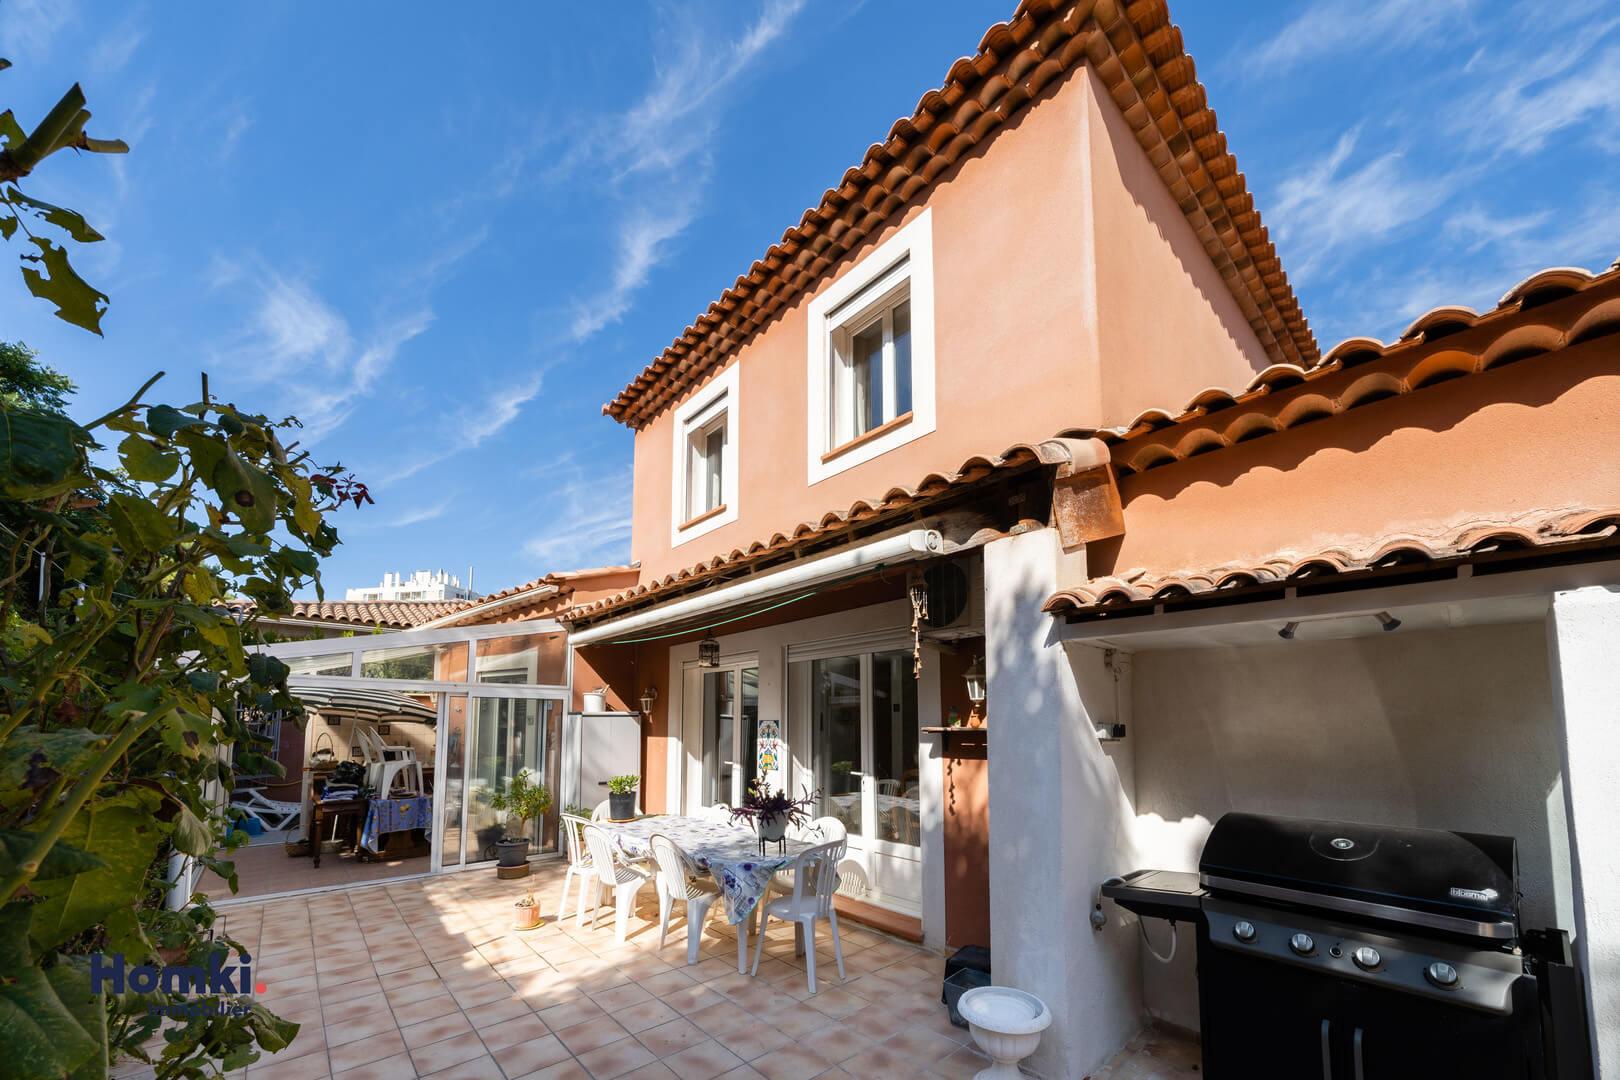 Vente Maison 105 m² T6 13011 Marseille_1